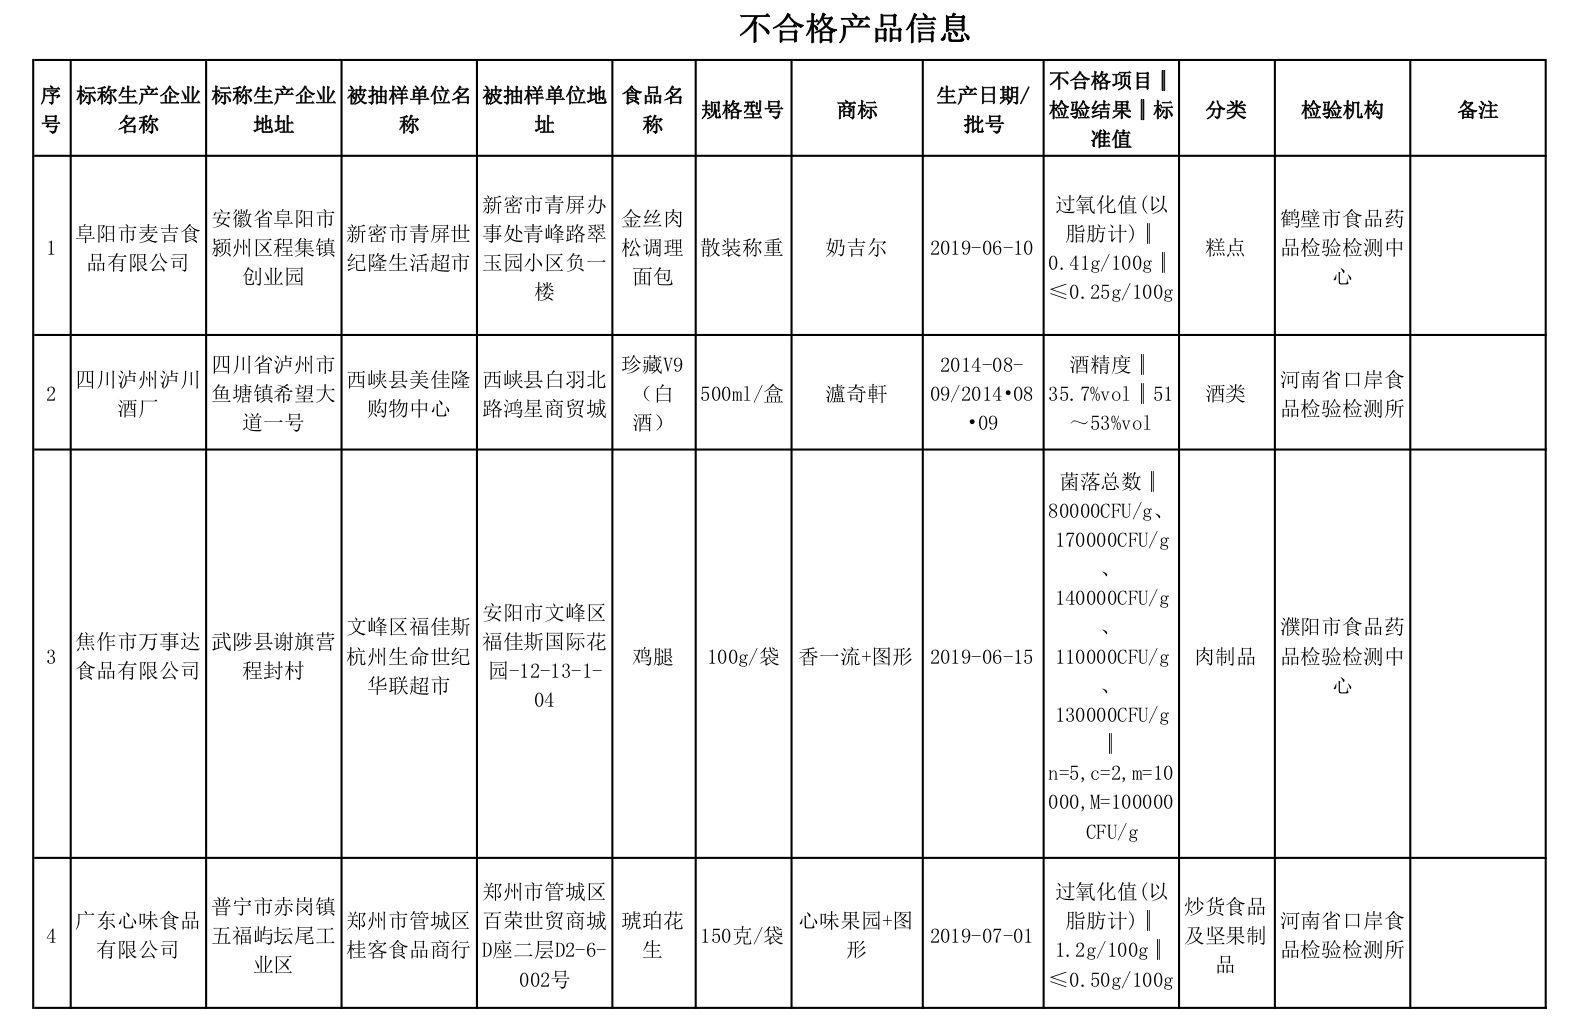 河南通报21批次不合格食品 永辉超市一批次蜂蜜上榜